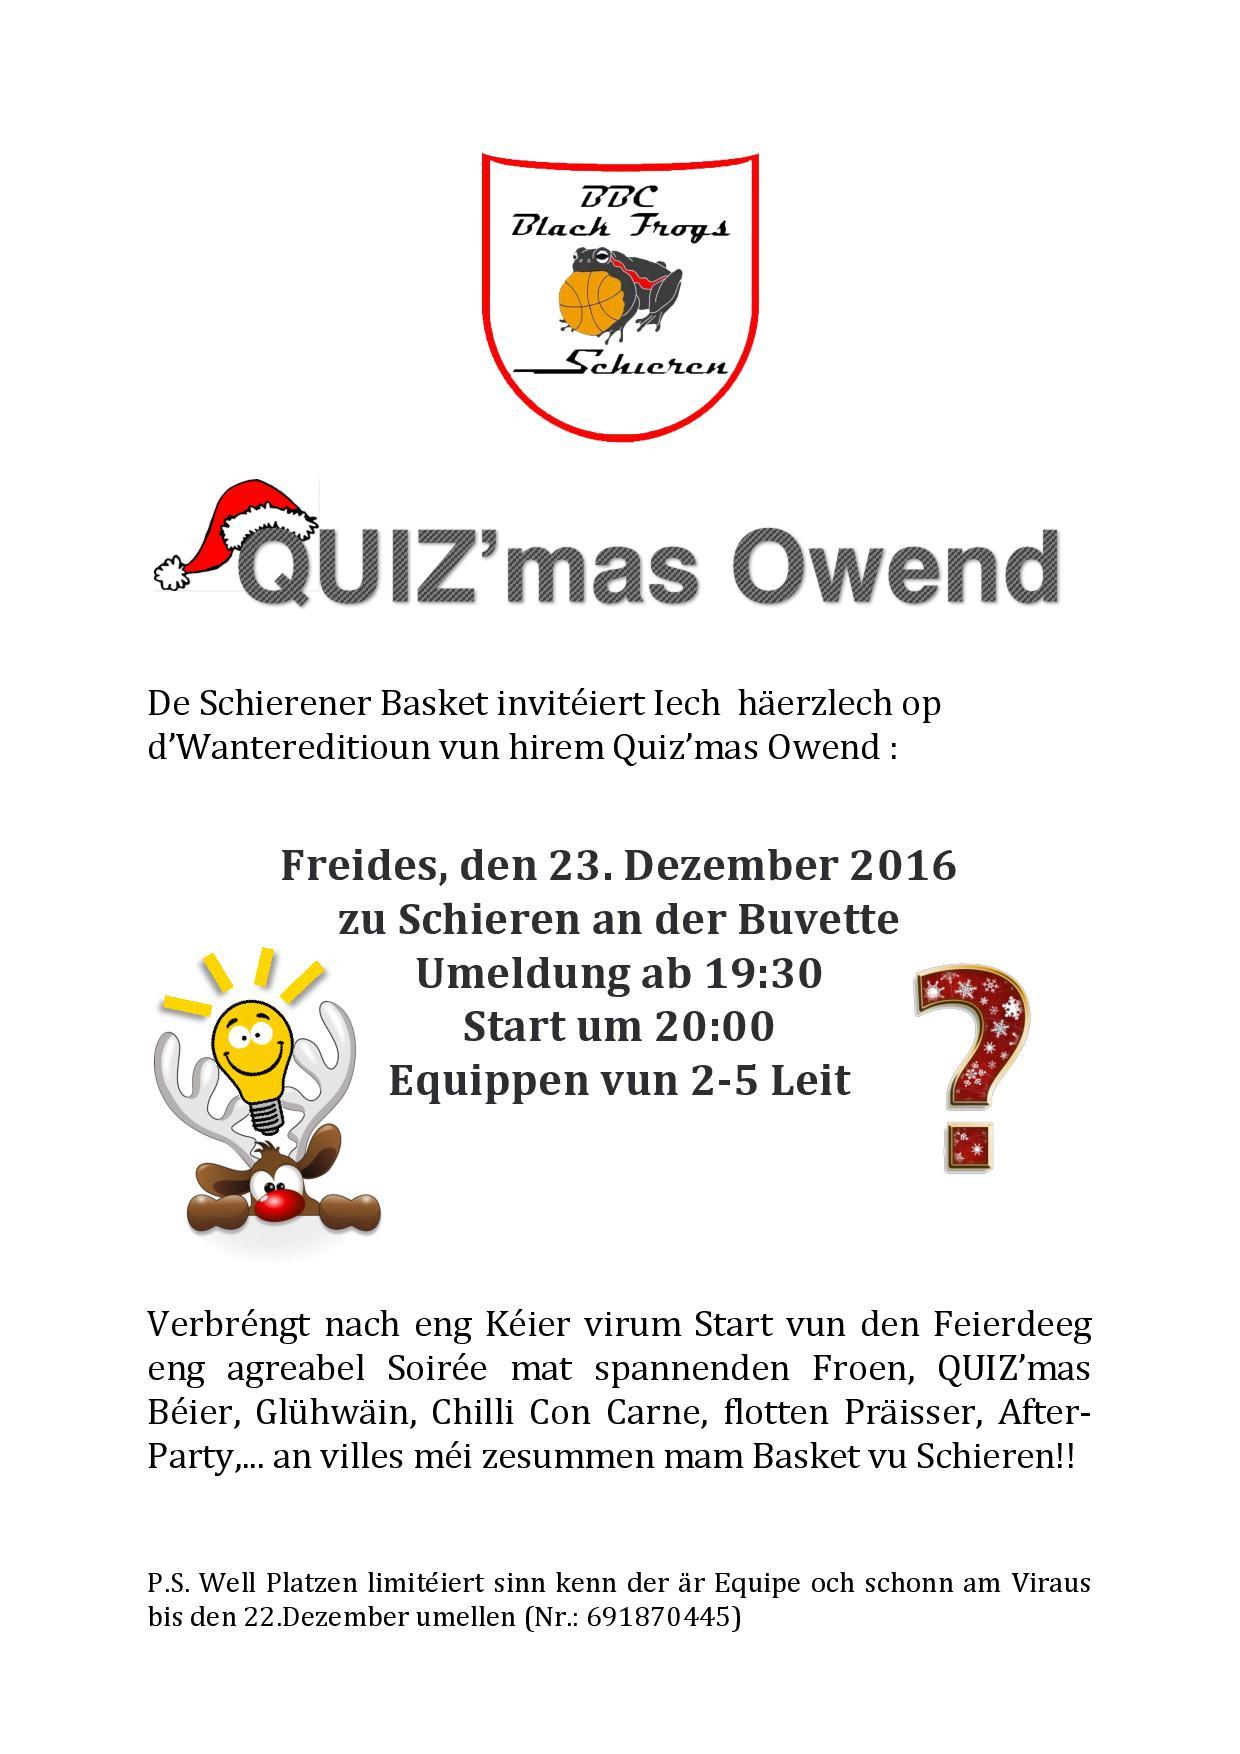 quizmas-owend-page-001